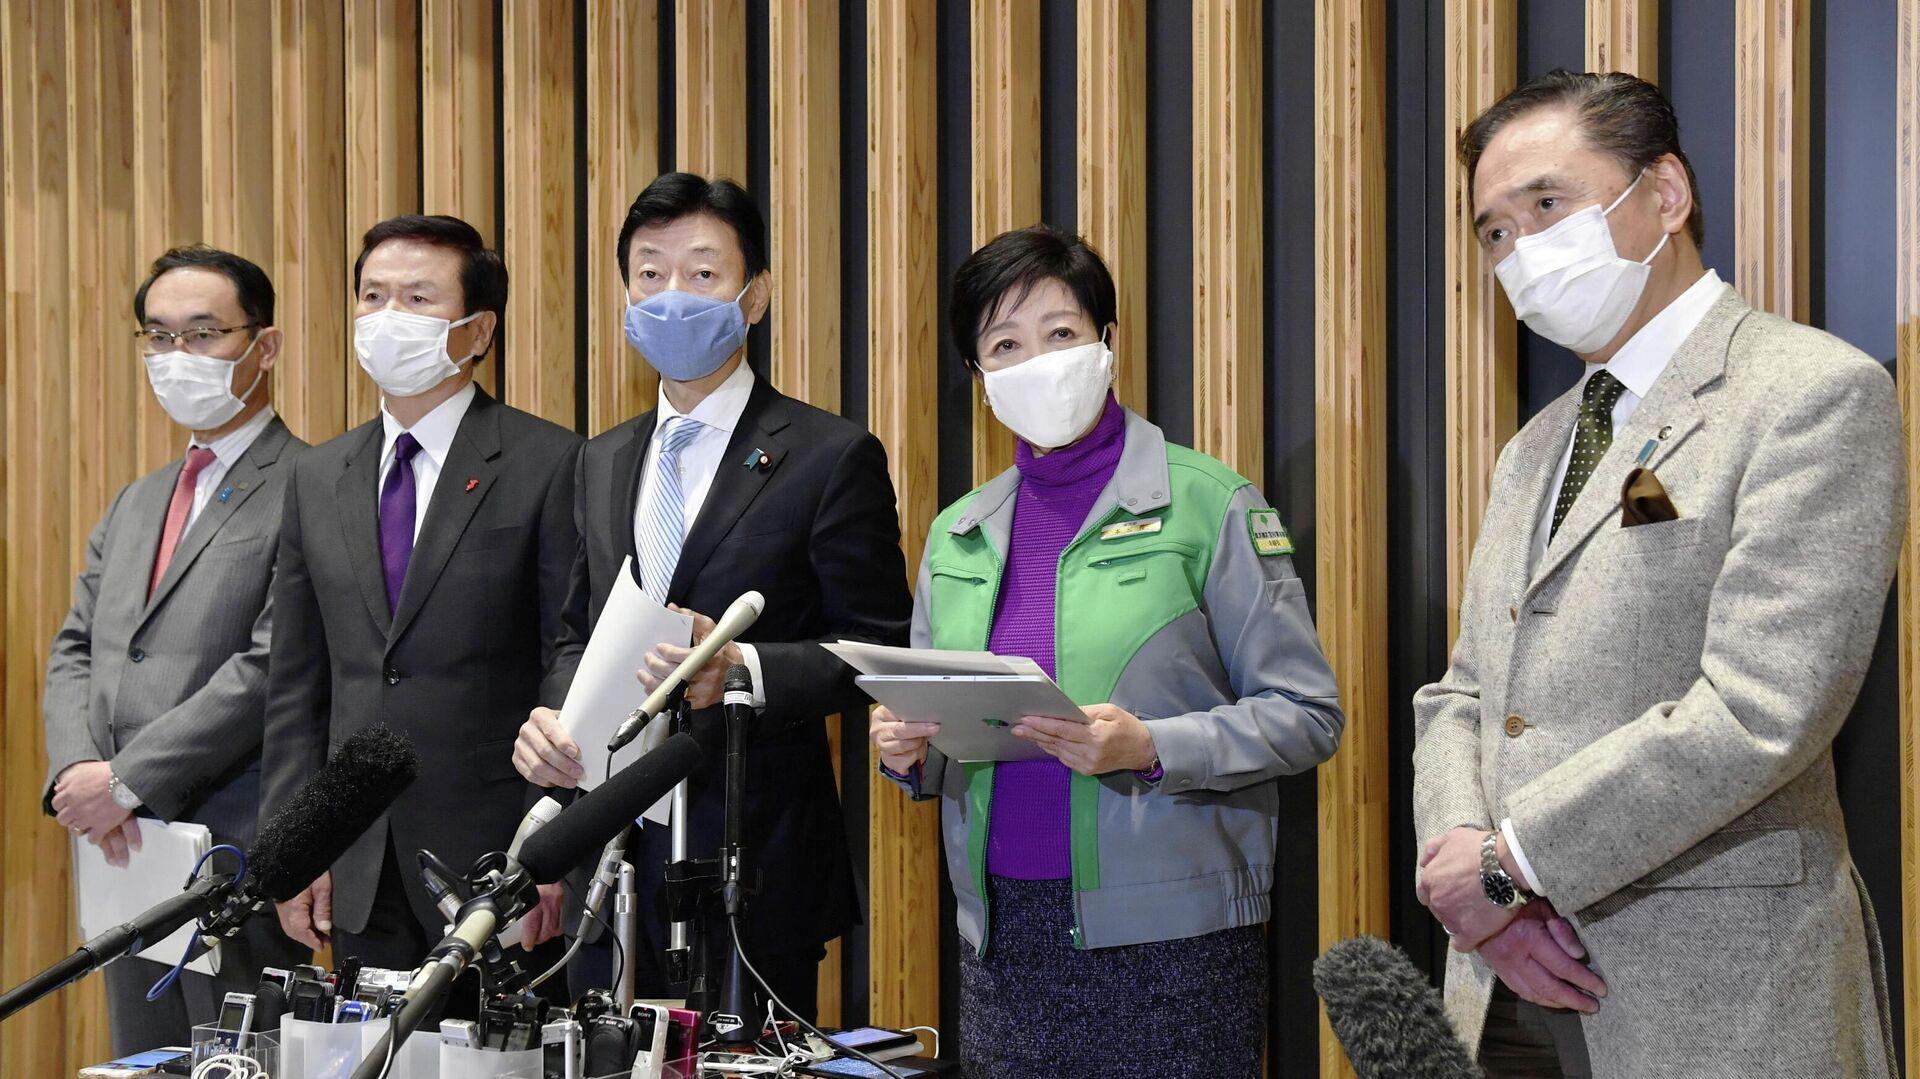 Губернаторы Сайтамы, Тибы, Министр экономики и губернаторы Токио и Канагавы на совместной пресс-конференции после встречи в Токио, Япония - РИА Новости, 1920, 03.01.2021